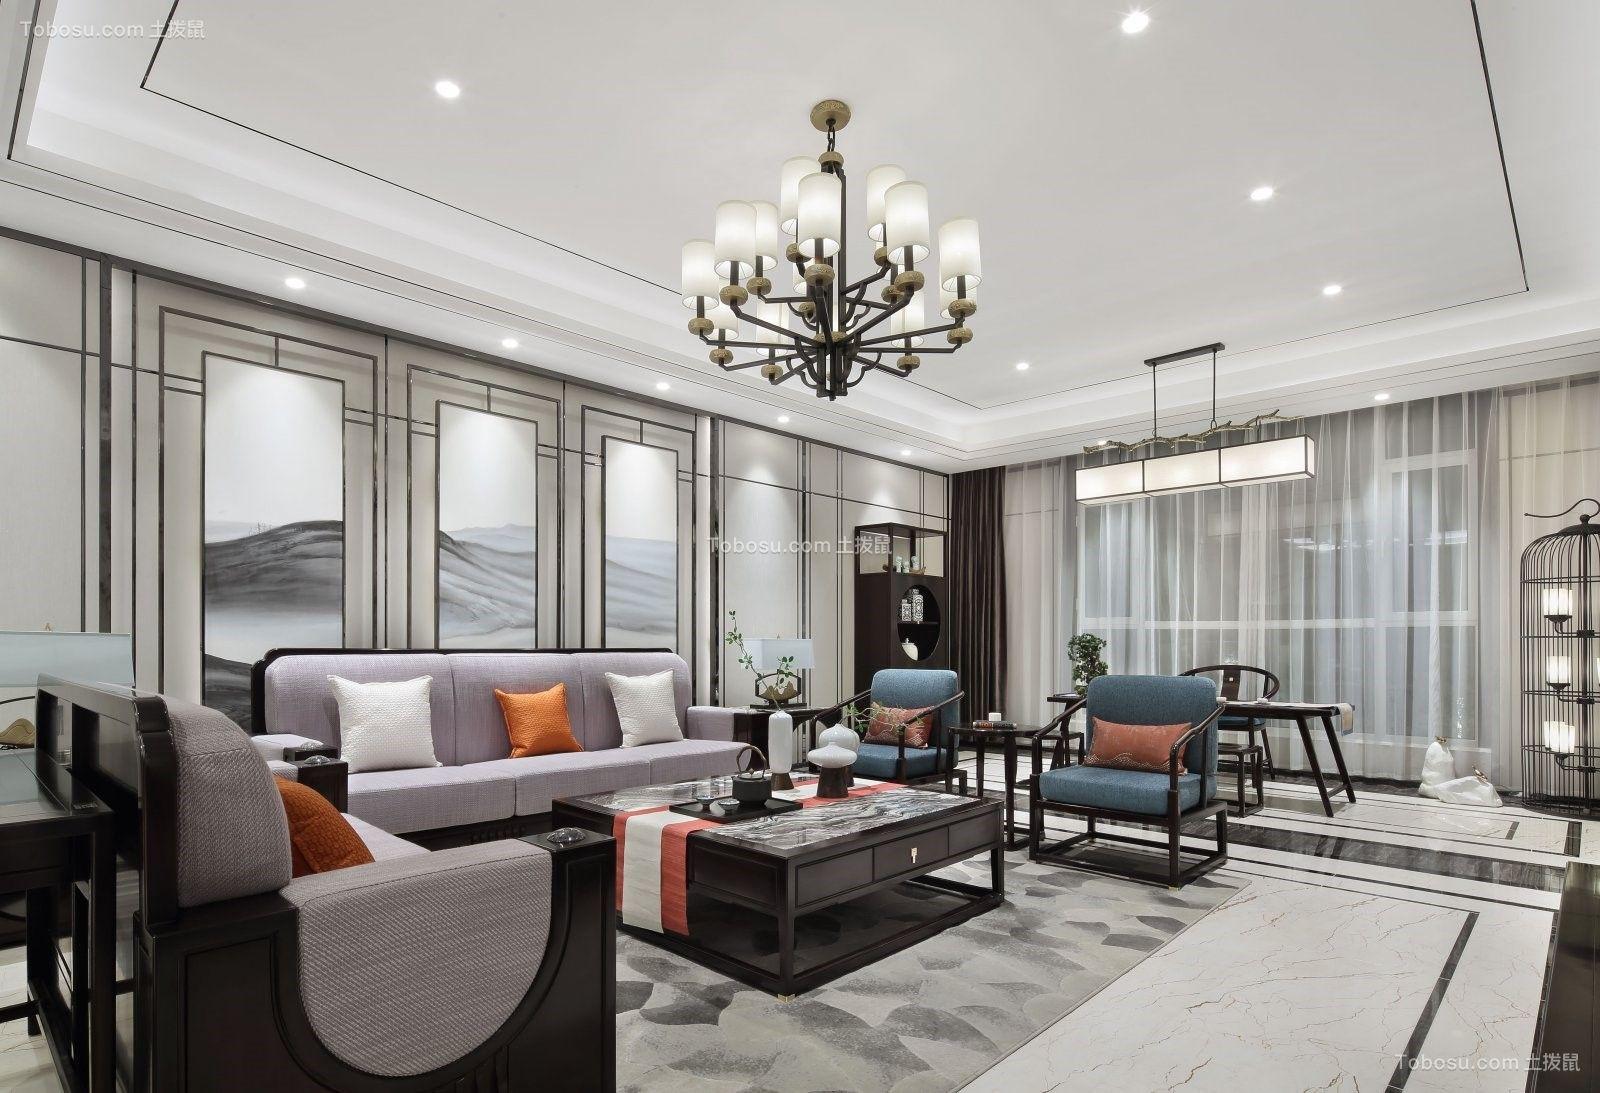 2019中式古典客厅装修设计 2019中式古典沙发装修设计